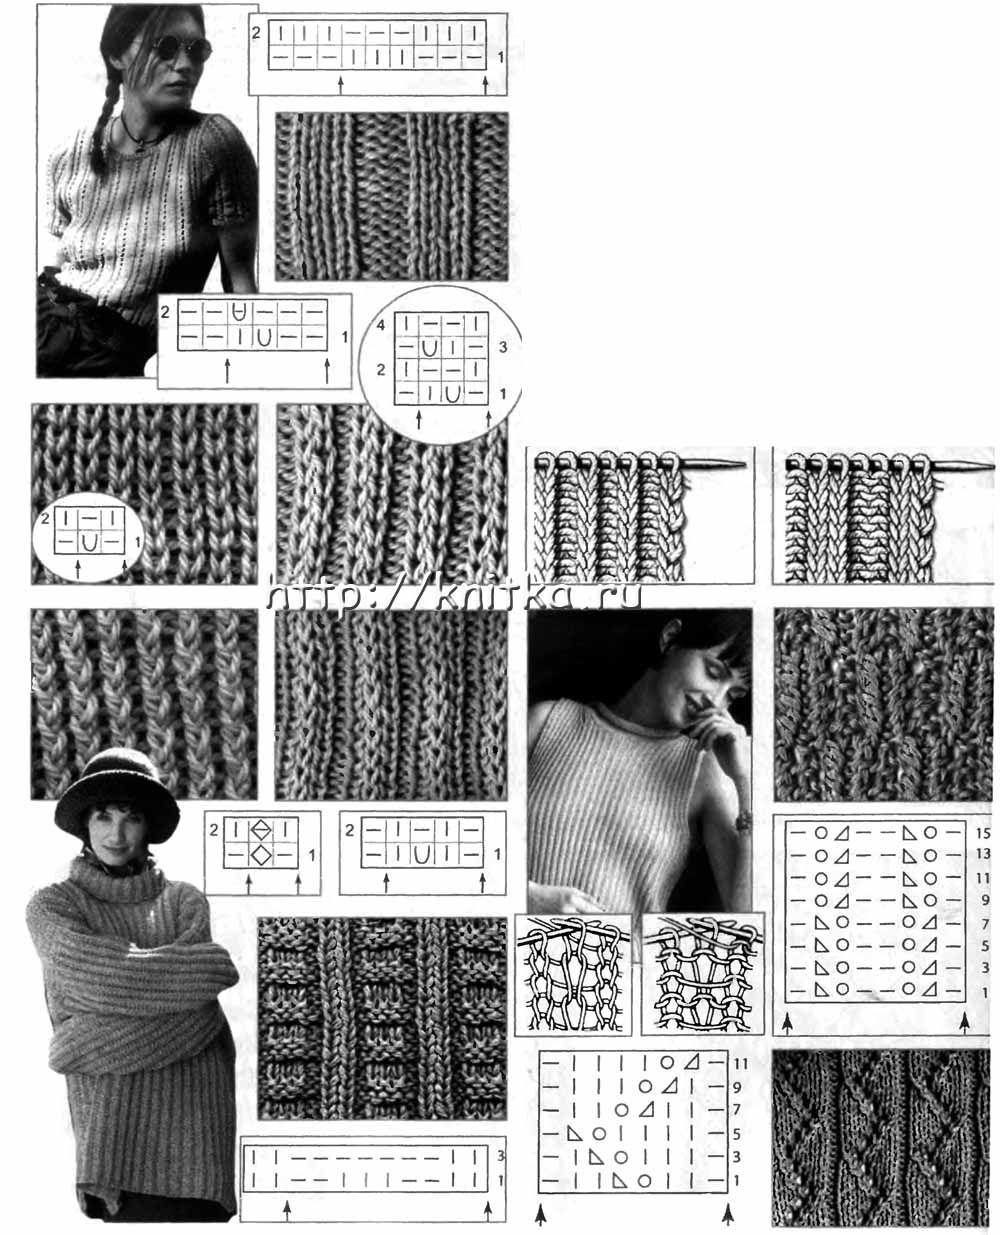 Вязание спицами резинки- более 40 видов. .  Часть 1 - Узоры и схемы для вязания .  Часть 35 - Схема вязки английской...